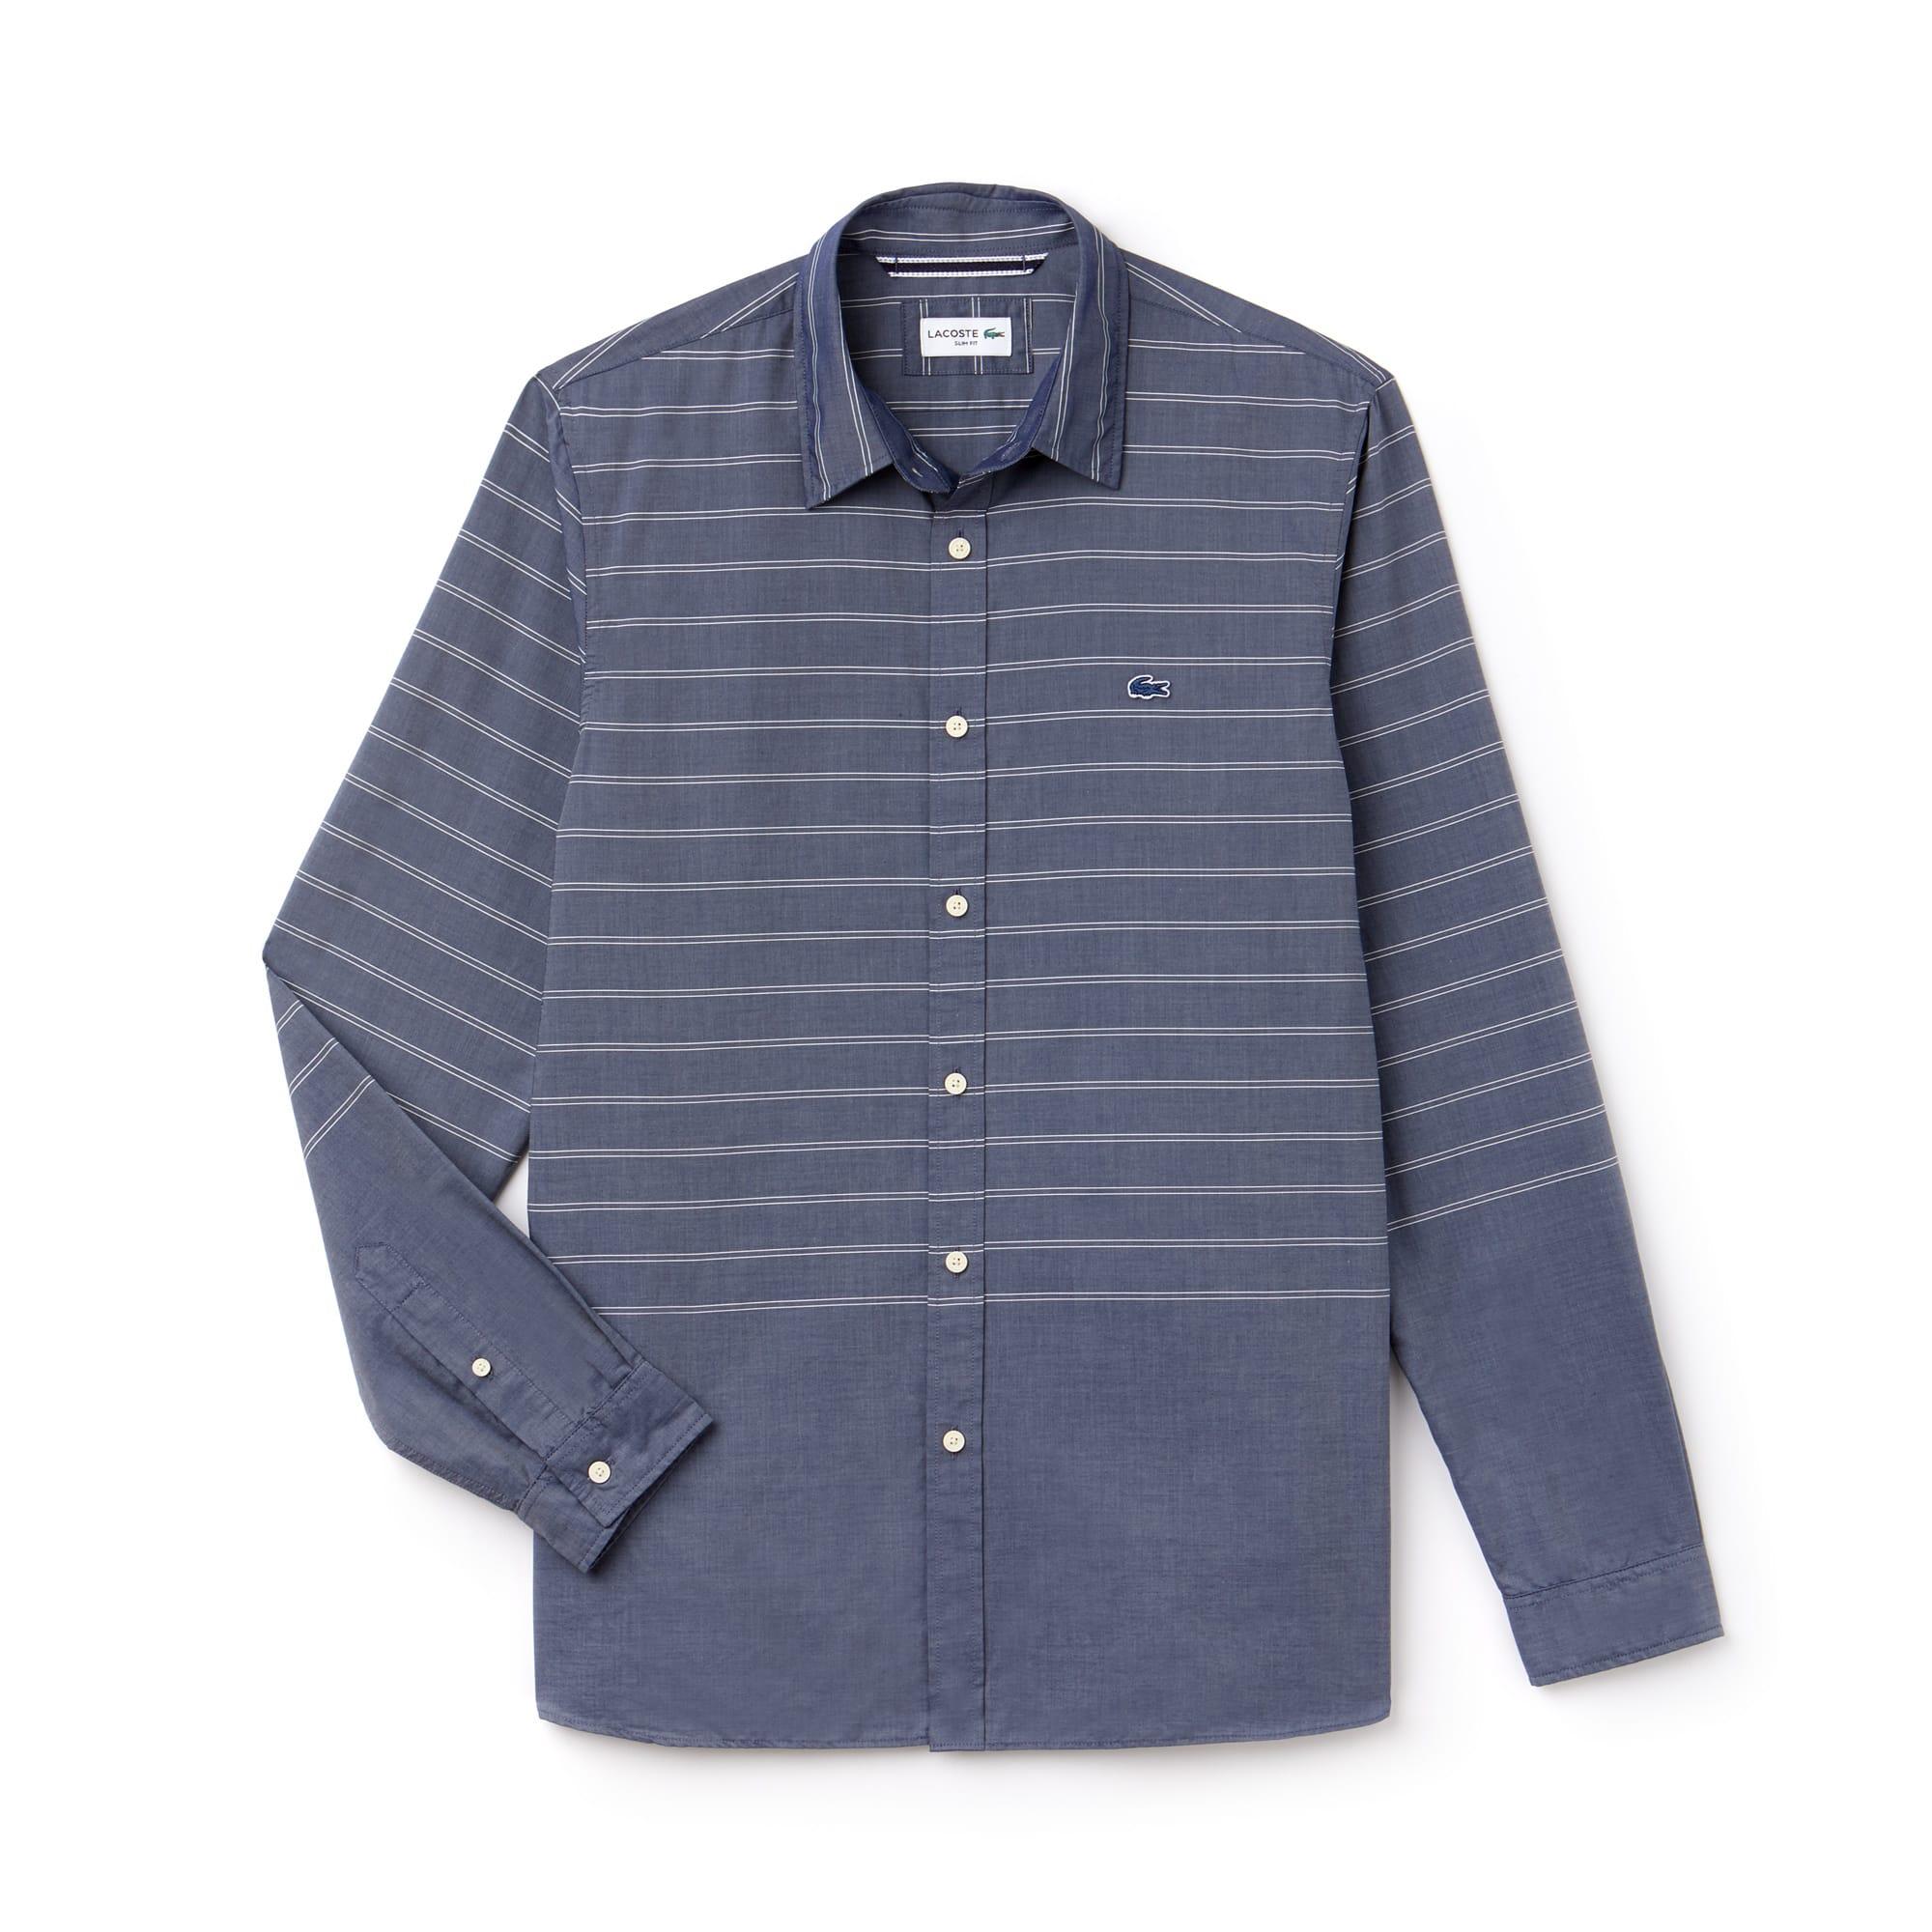 Men's Slim Fit Striped Poplin Shirt